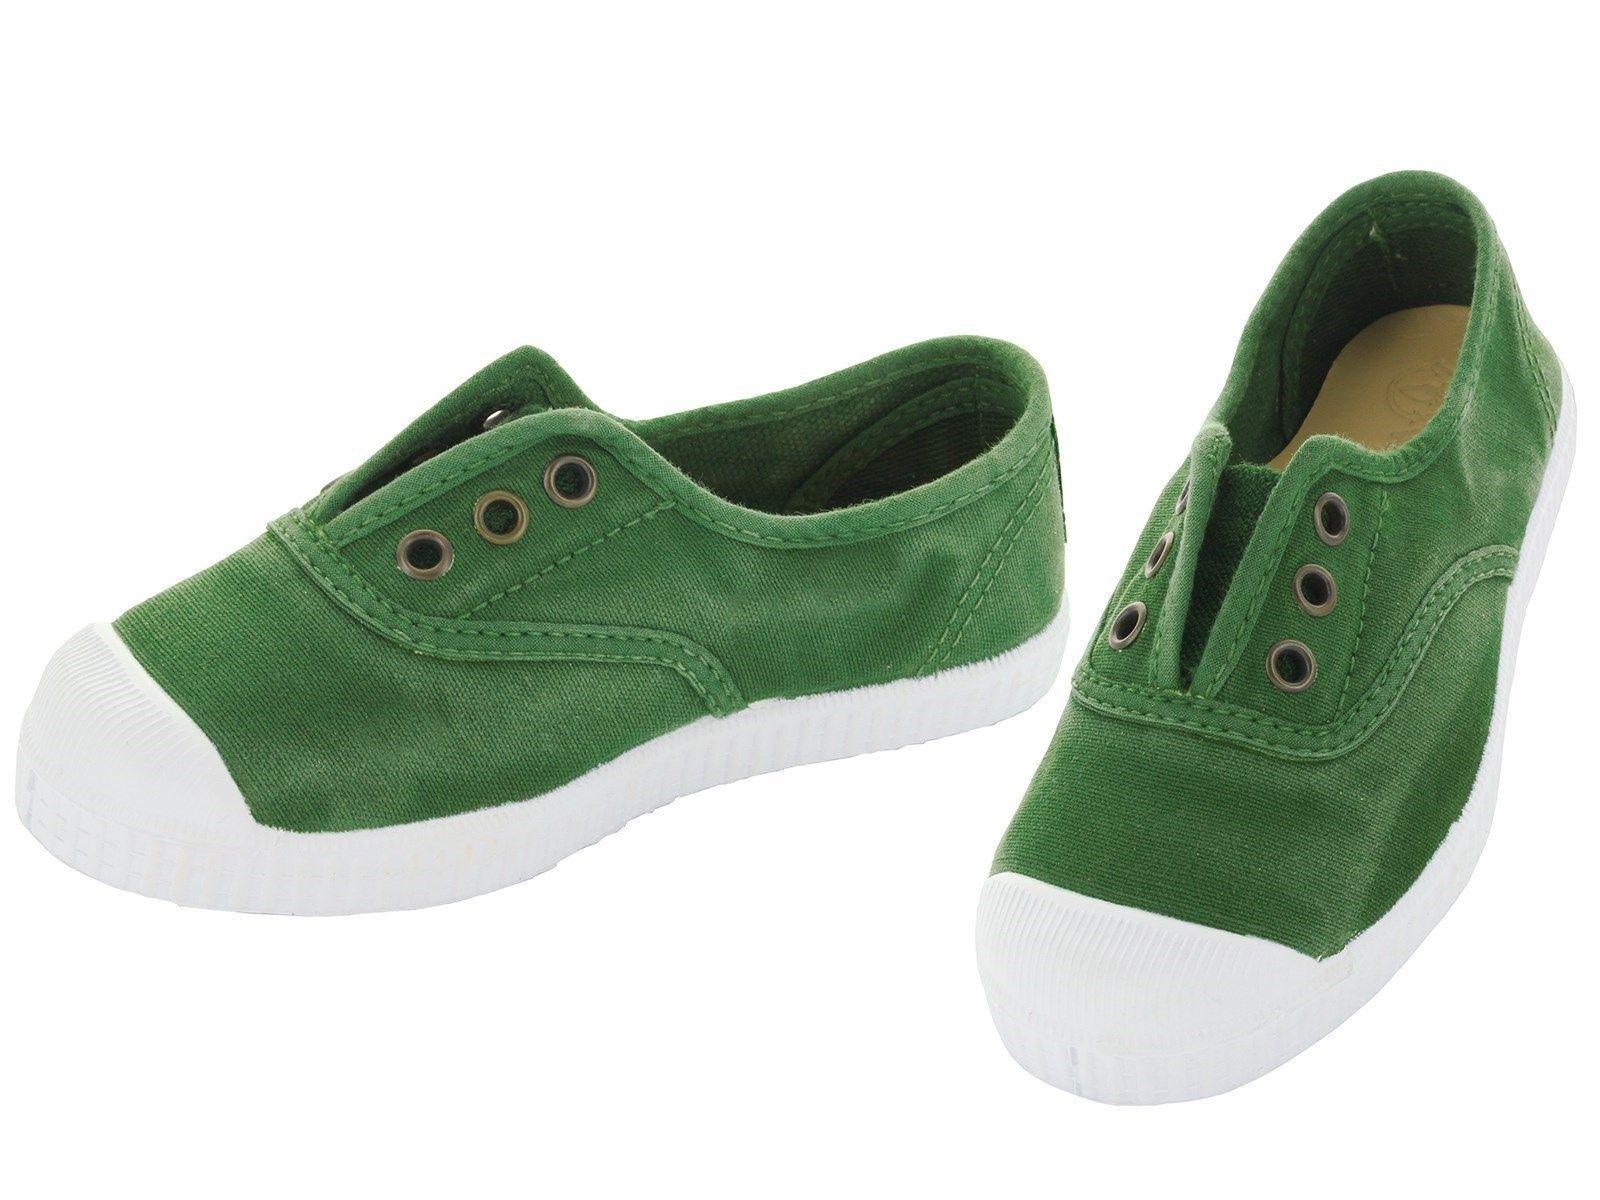 Kinder Schuhe Sneaker Grun Von Natural World Gr 25 Kinder Schuhe Sneaker Grun Turnschuhe